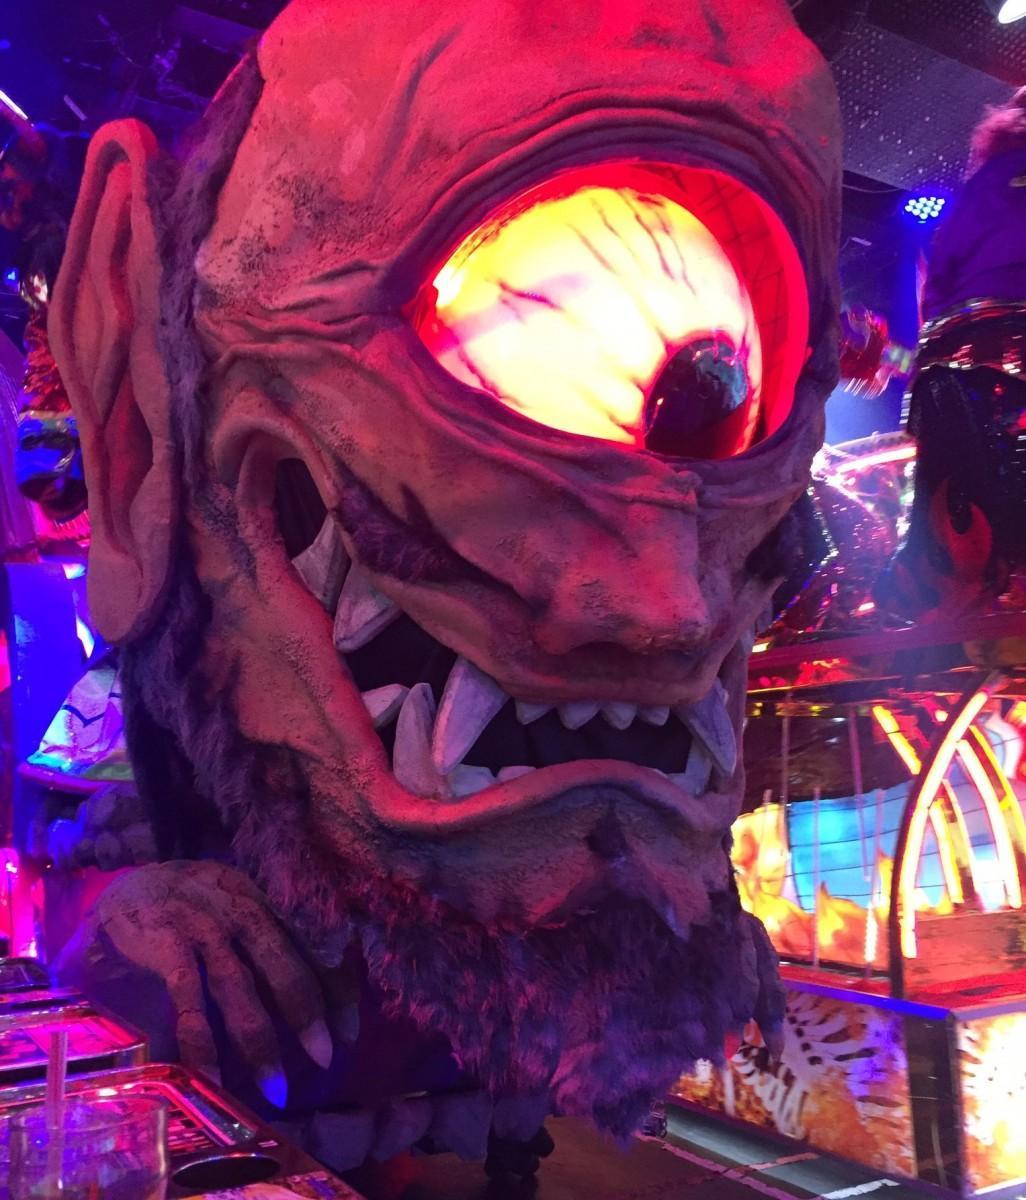 東京・新宿のエンターテインメントレストラン「ロボットレストラン」から参加する妖怪ロボット。話題の妖怪「アマビコ」の原画を唯一所蔵する「三次もののけミュージアム」に登場する